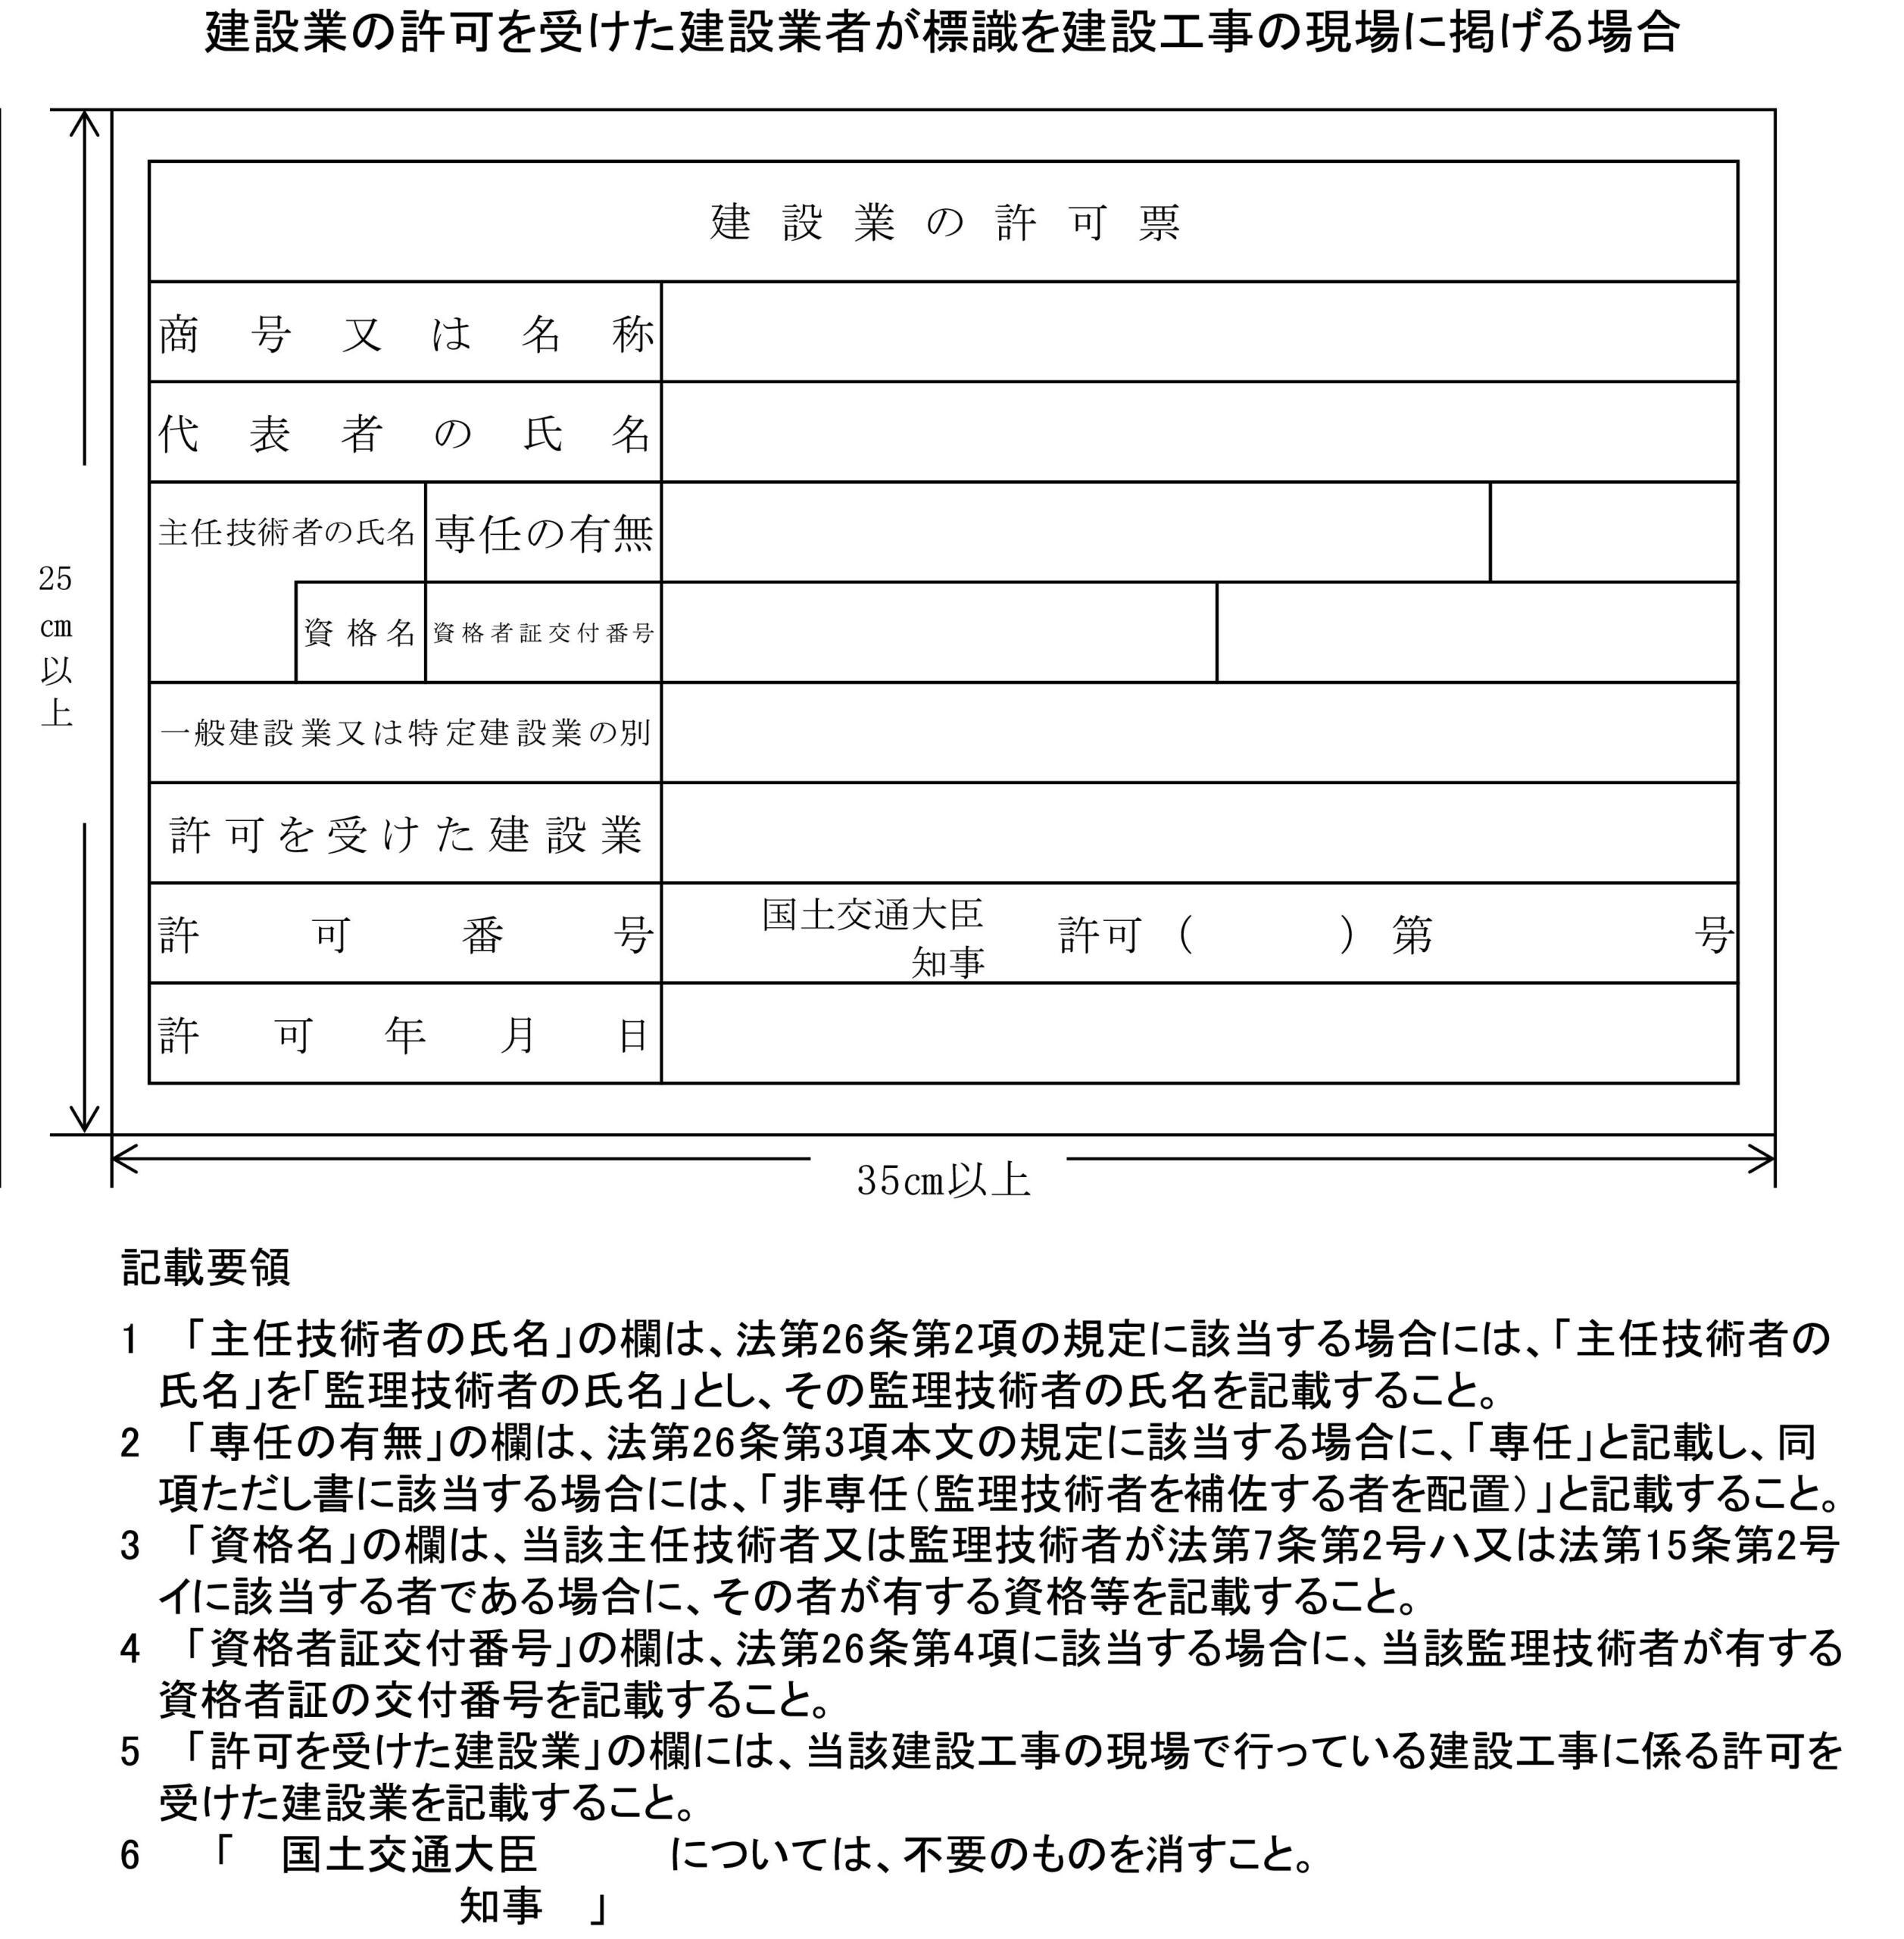 工事現場に掲示する建設業の許可票